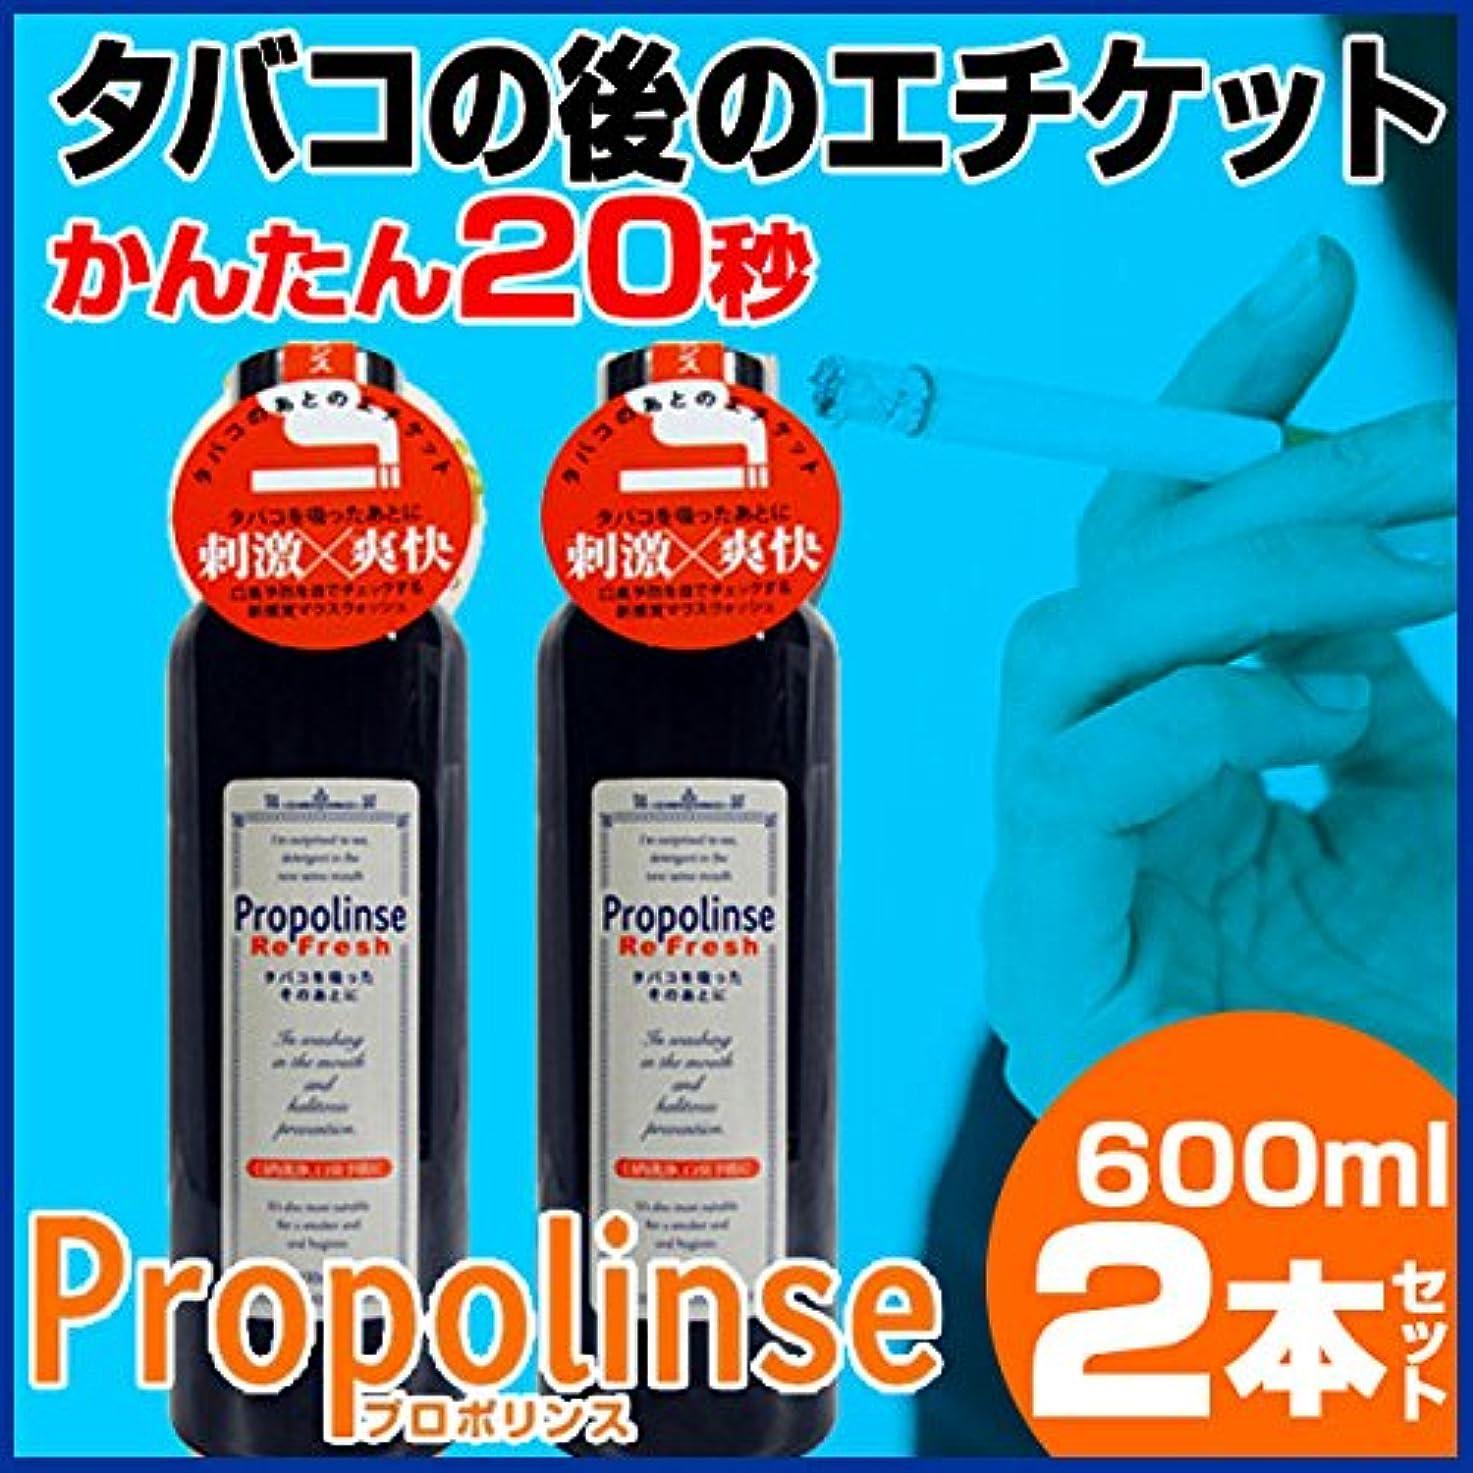 にじみ出る貸すヒゲクジラプロポリンス リフレッシュ600ml【まとめ買い2個セット】